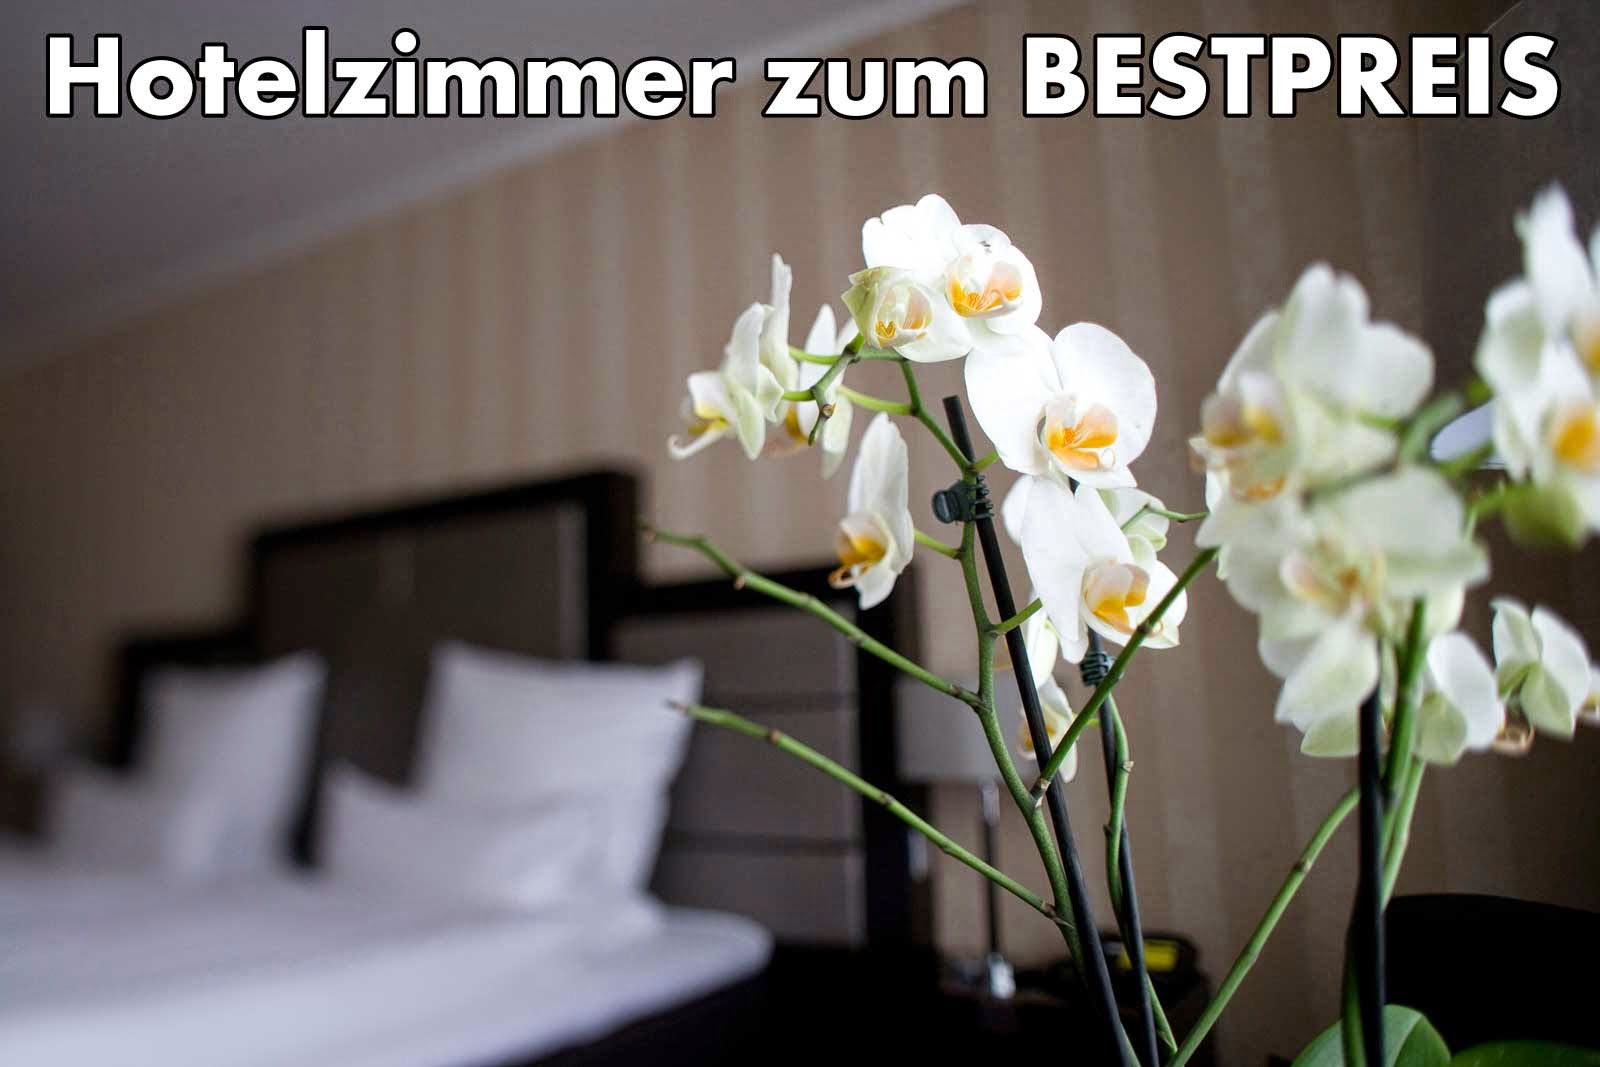 Ratgeber: Hotels günstig buchen